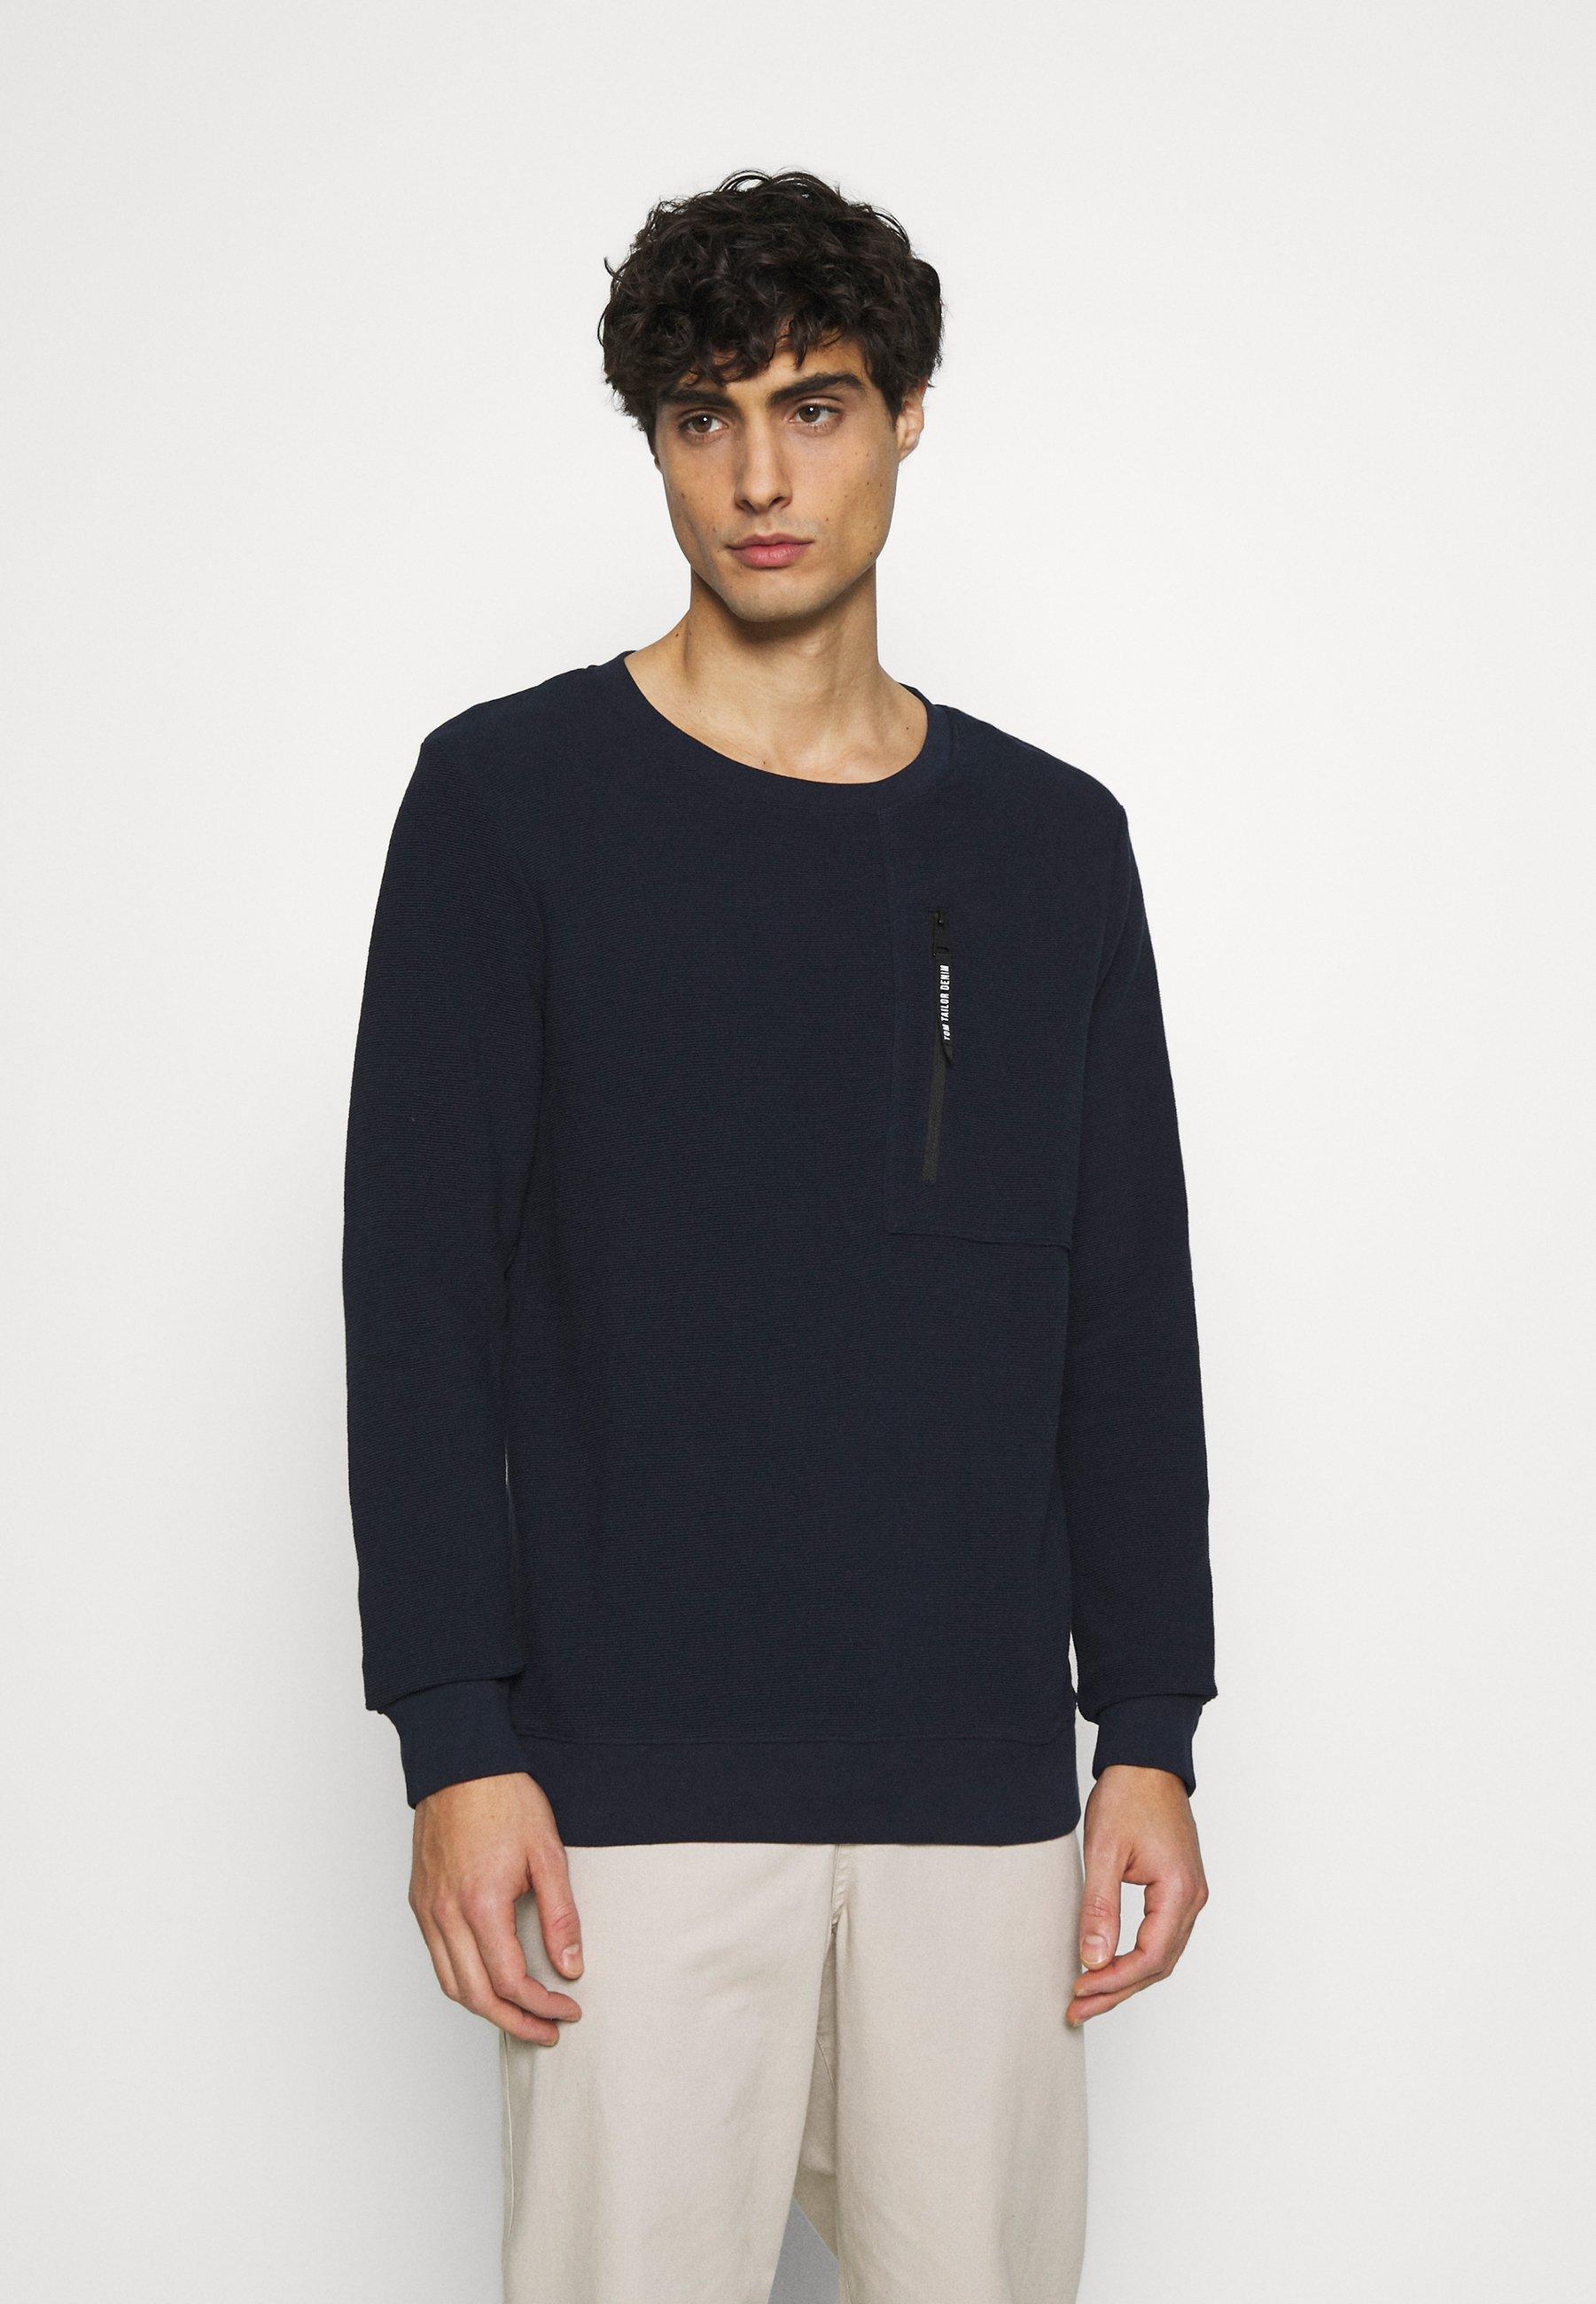 Homme CREWNECK WITH ZIP POCKET - Sweatshirt